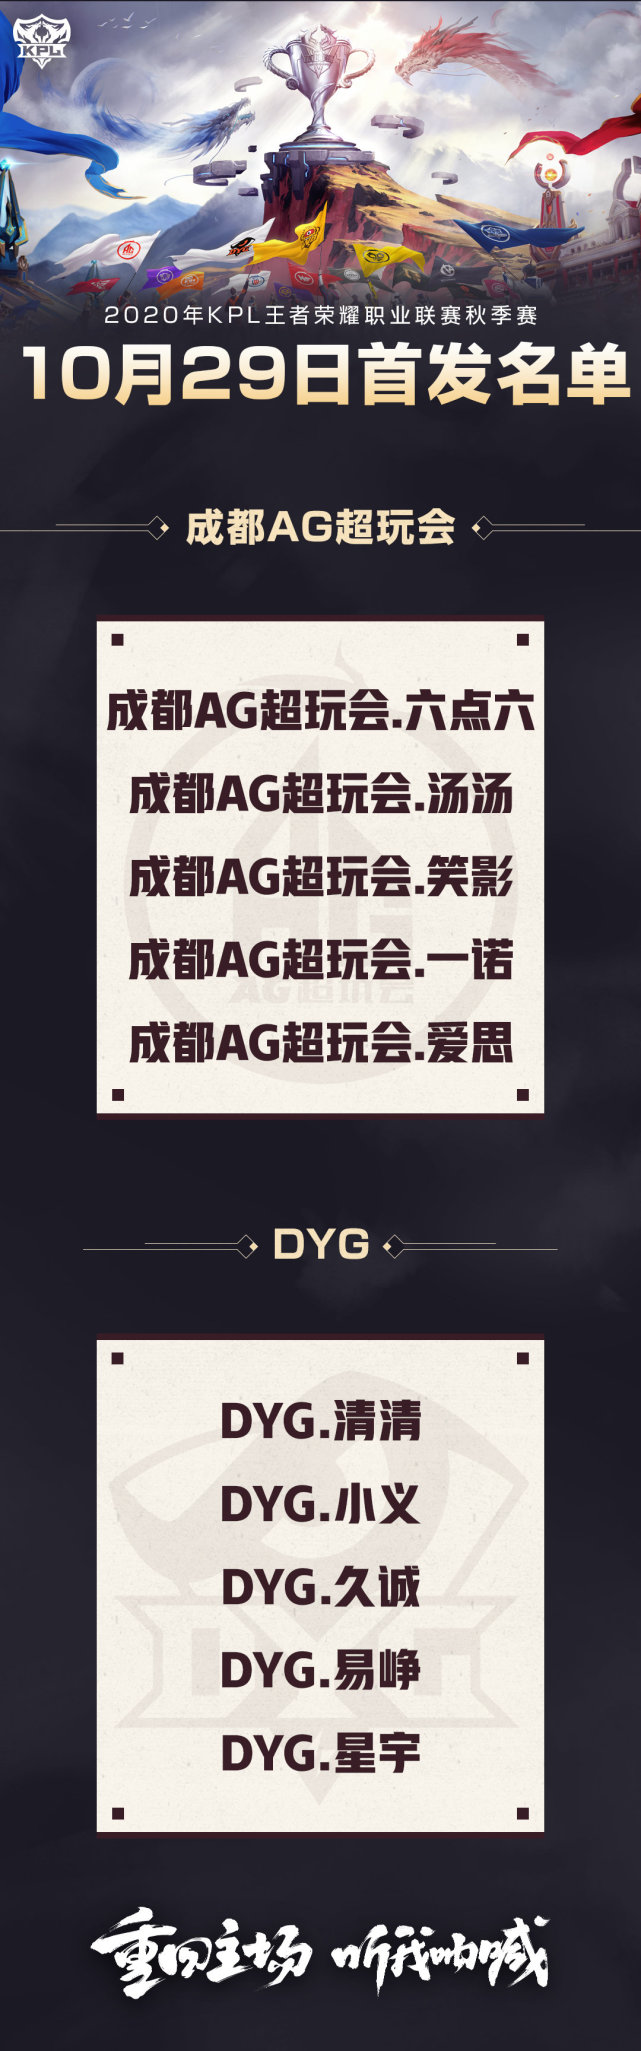 游戏了_王者荣耀:DYG久诚再战AG,梦泪观赛预言,魔咒打破是否能成功?-第2张图片-游戏摸鱼怪